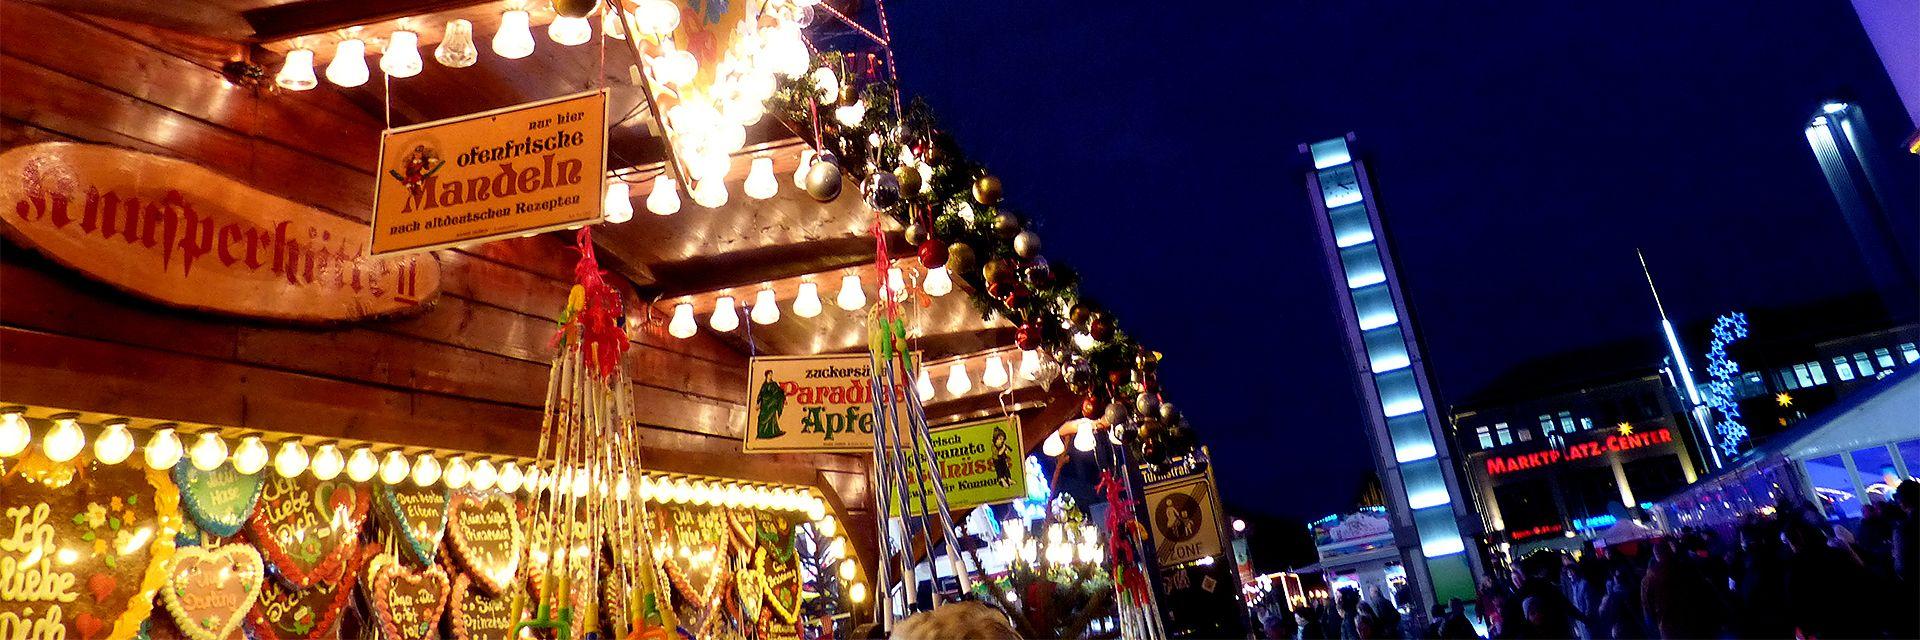 julmarknad i brandenburg